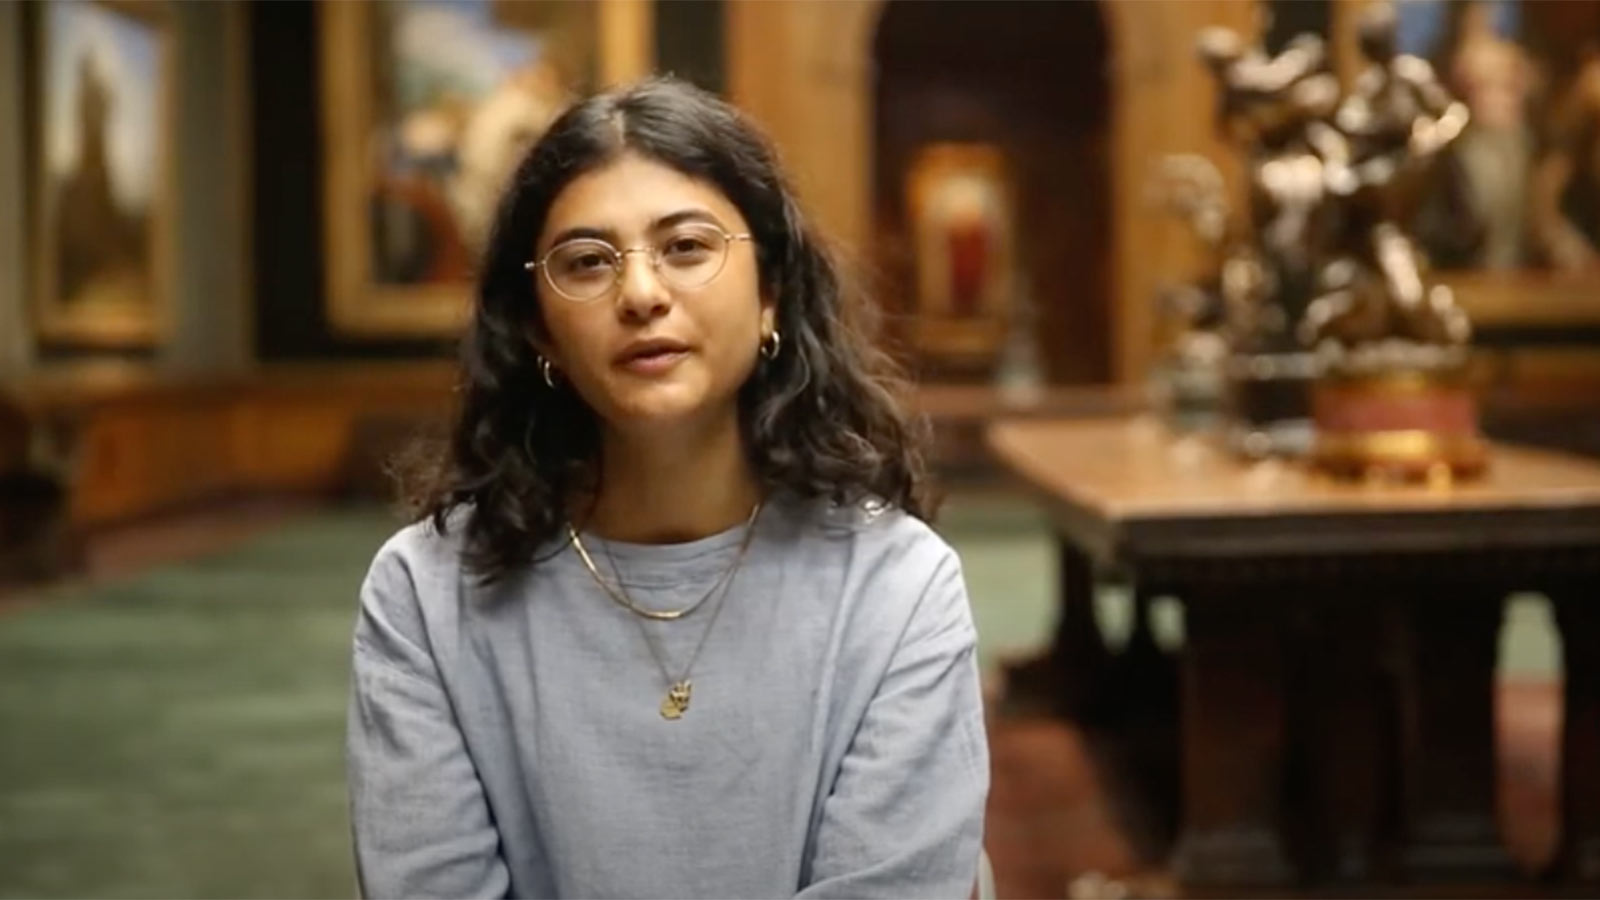 Isabelle Fernandez at the Frick